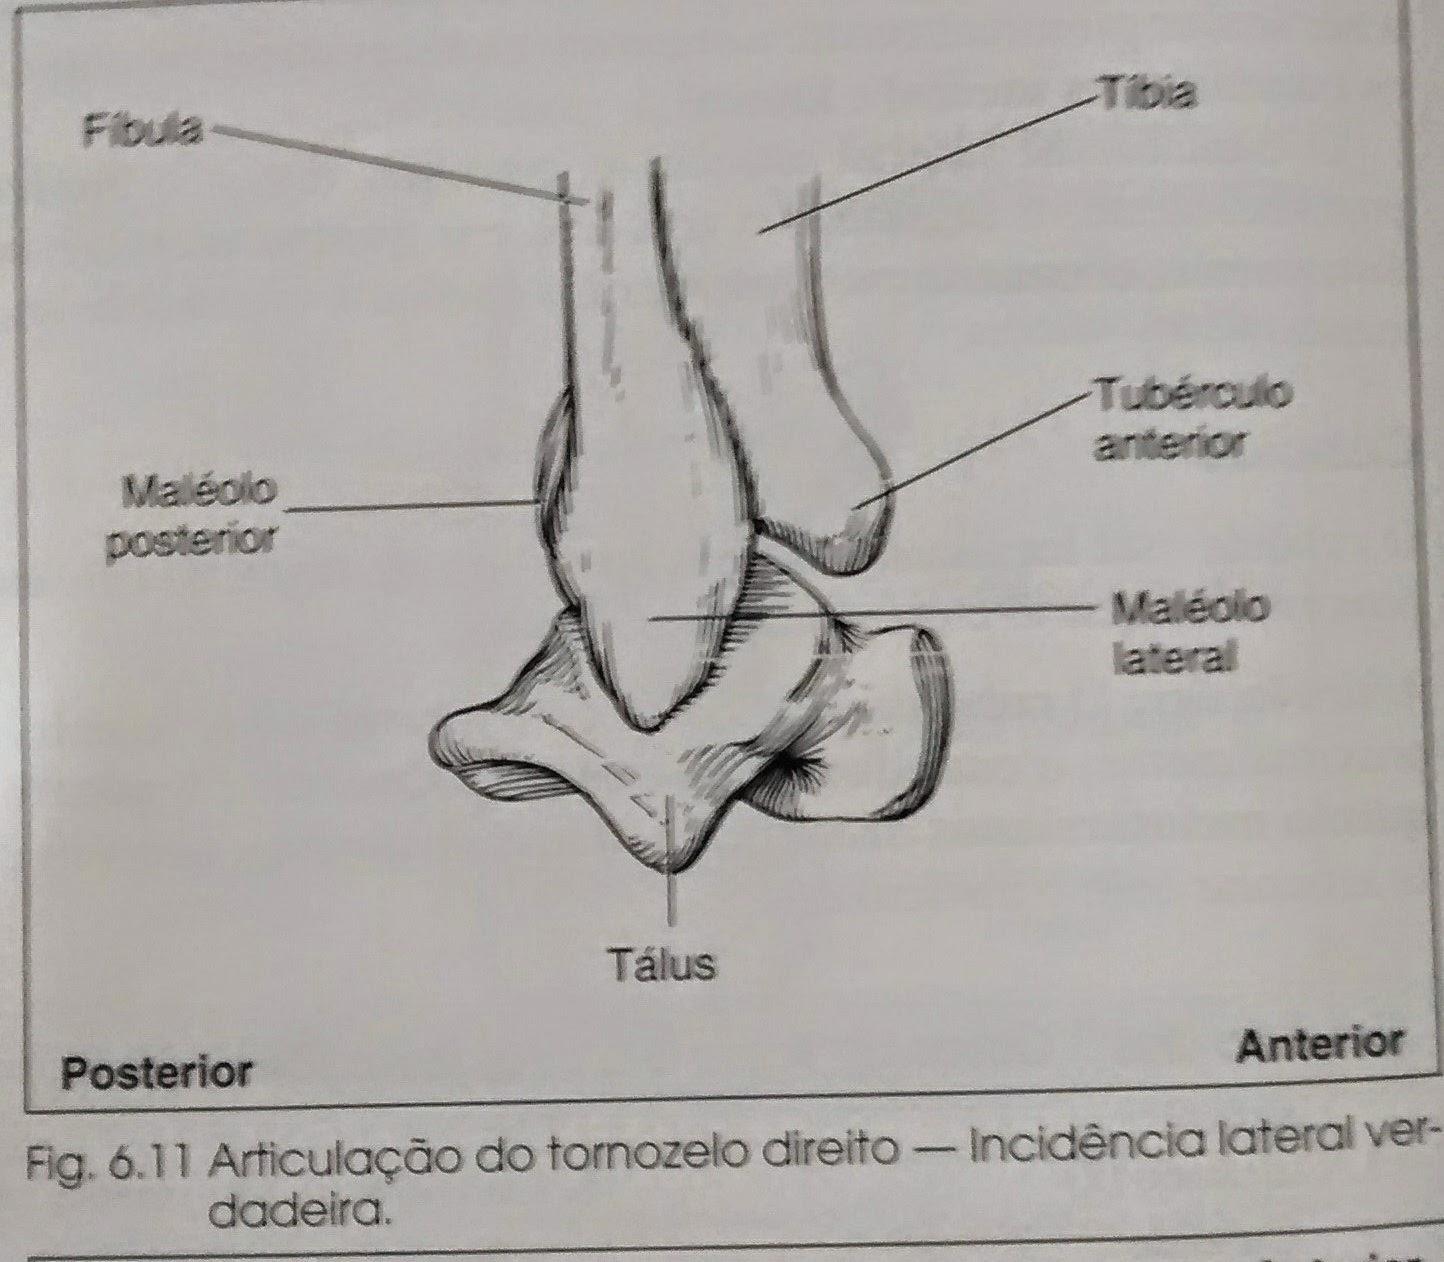 Radiologia Nossa Vida Articulacao Do Tornozelo